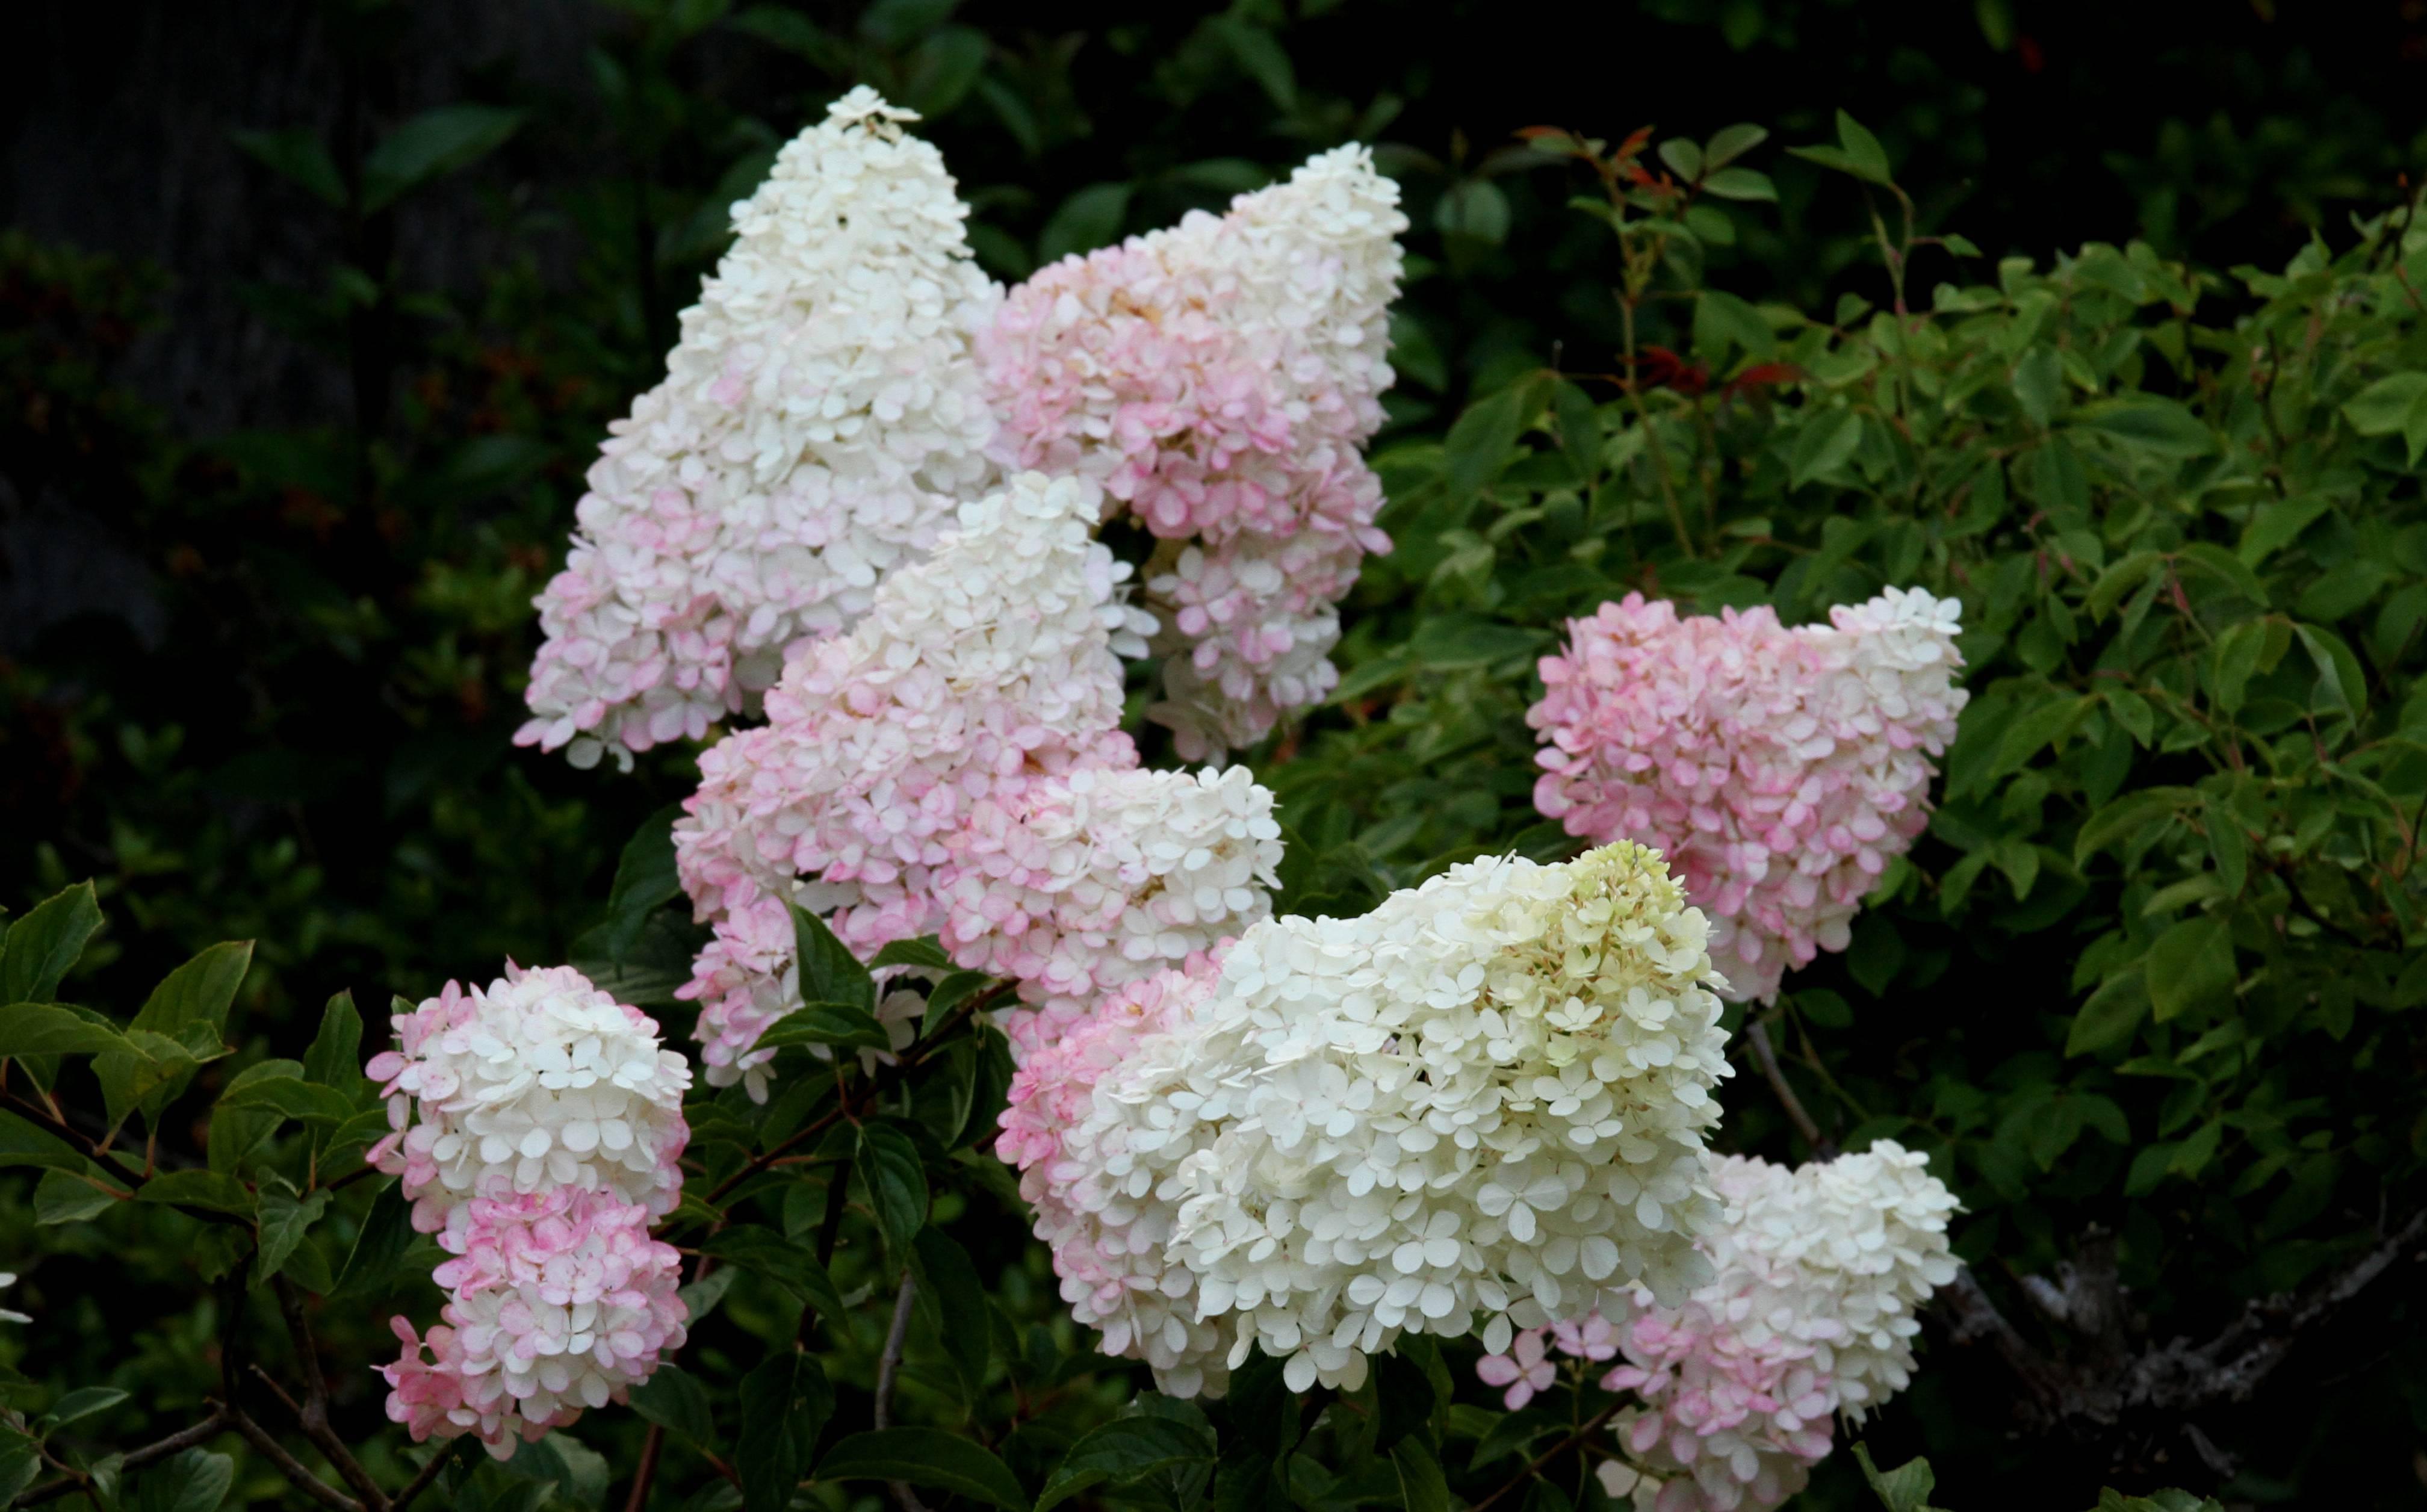 Гортензия строберри блоссом (hydrangea paniculata strawberry blossom) — описание